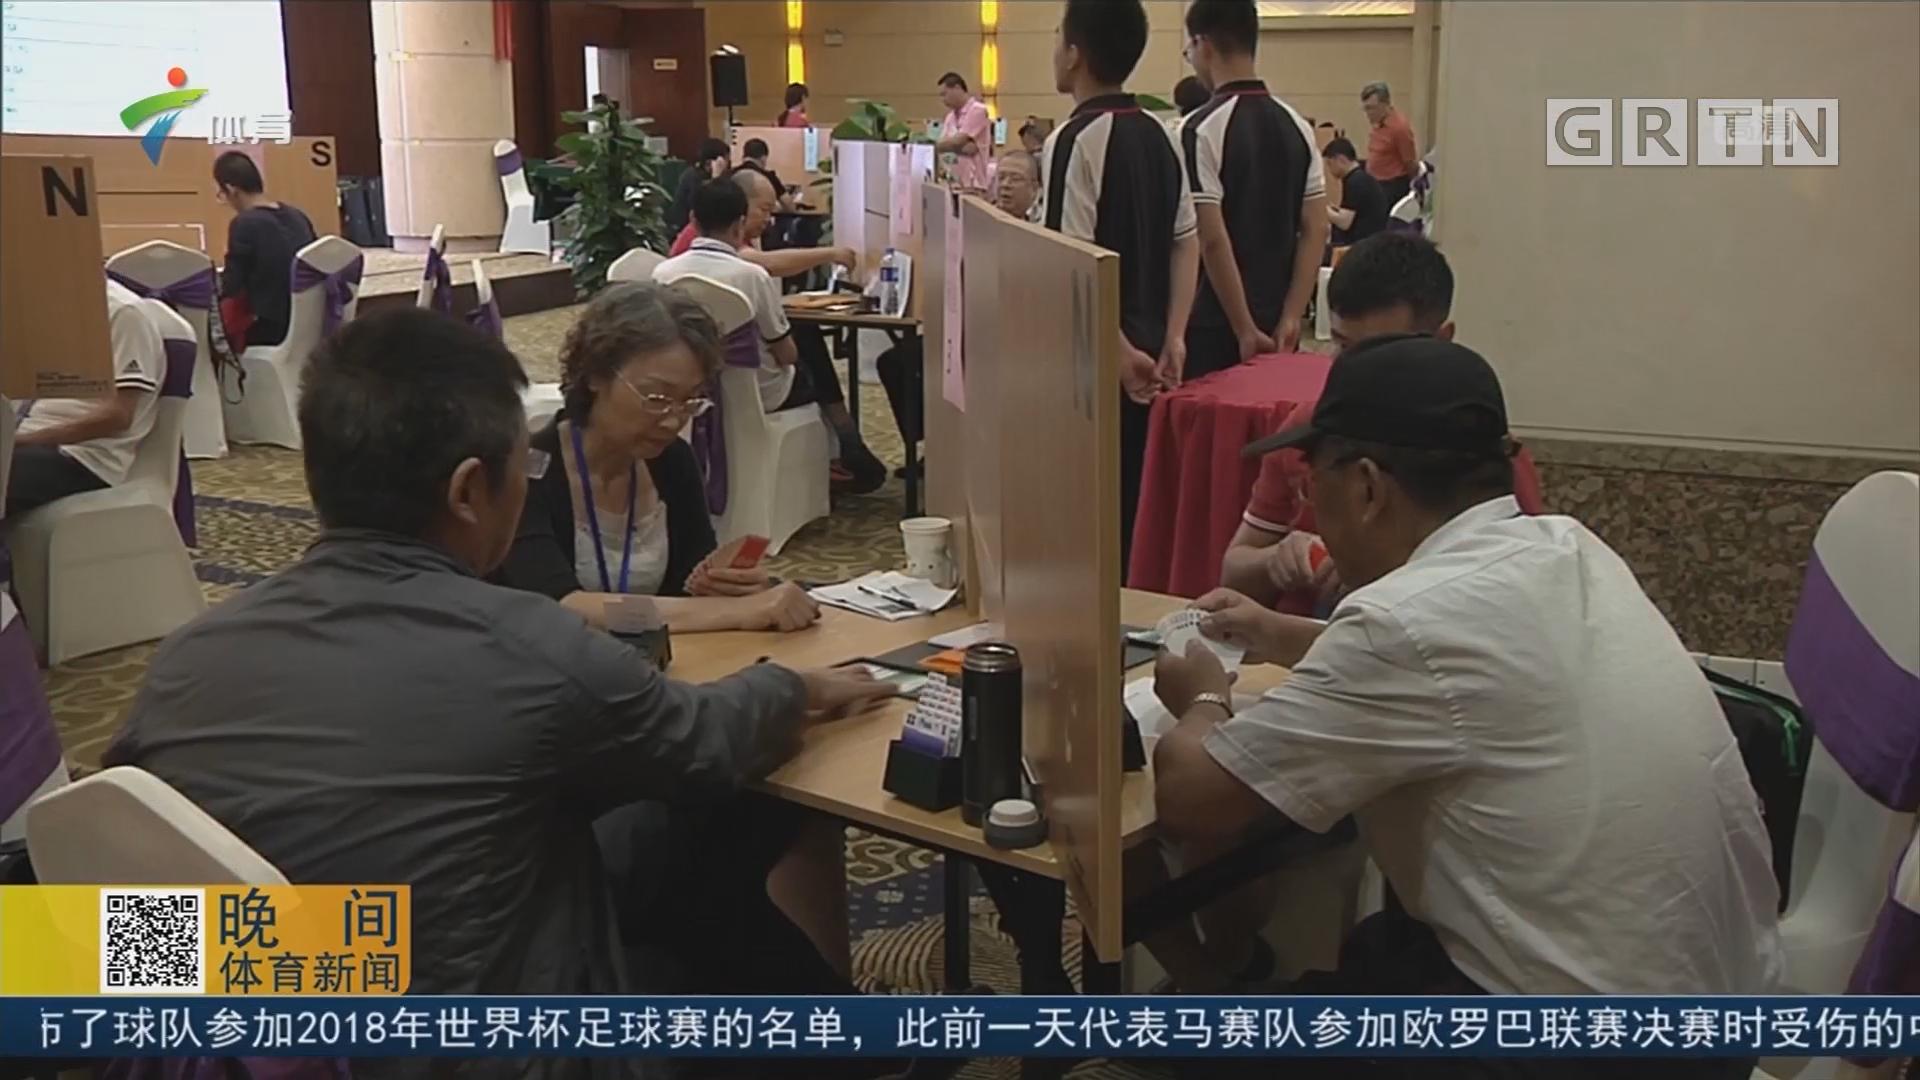 2018年广东省桥牌锦标赛开幕